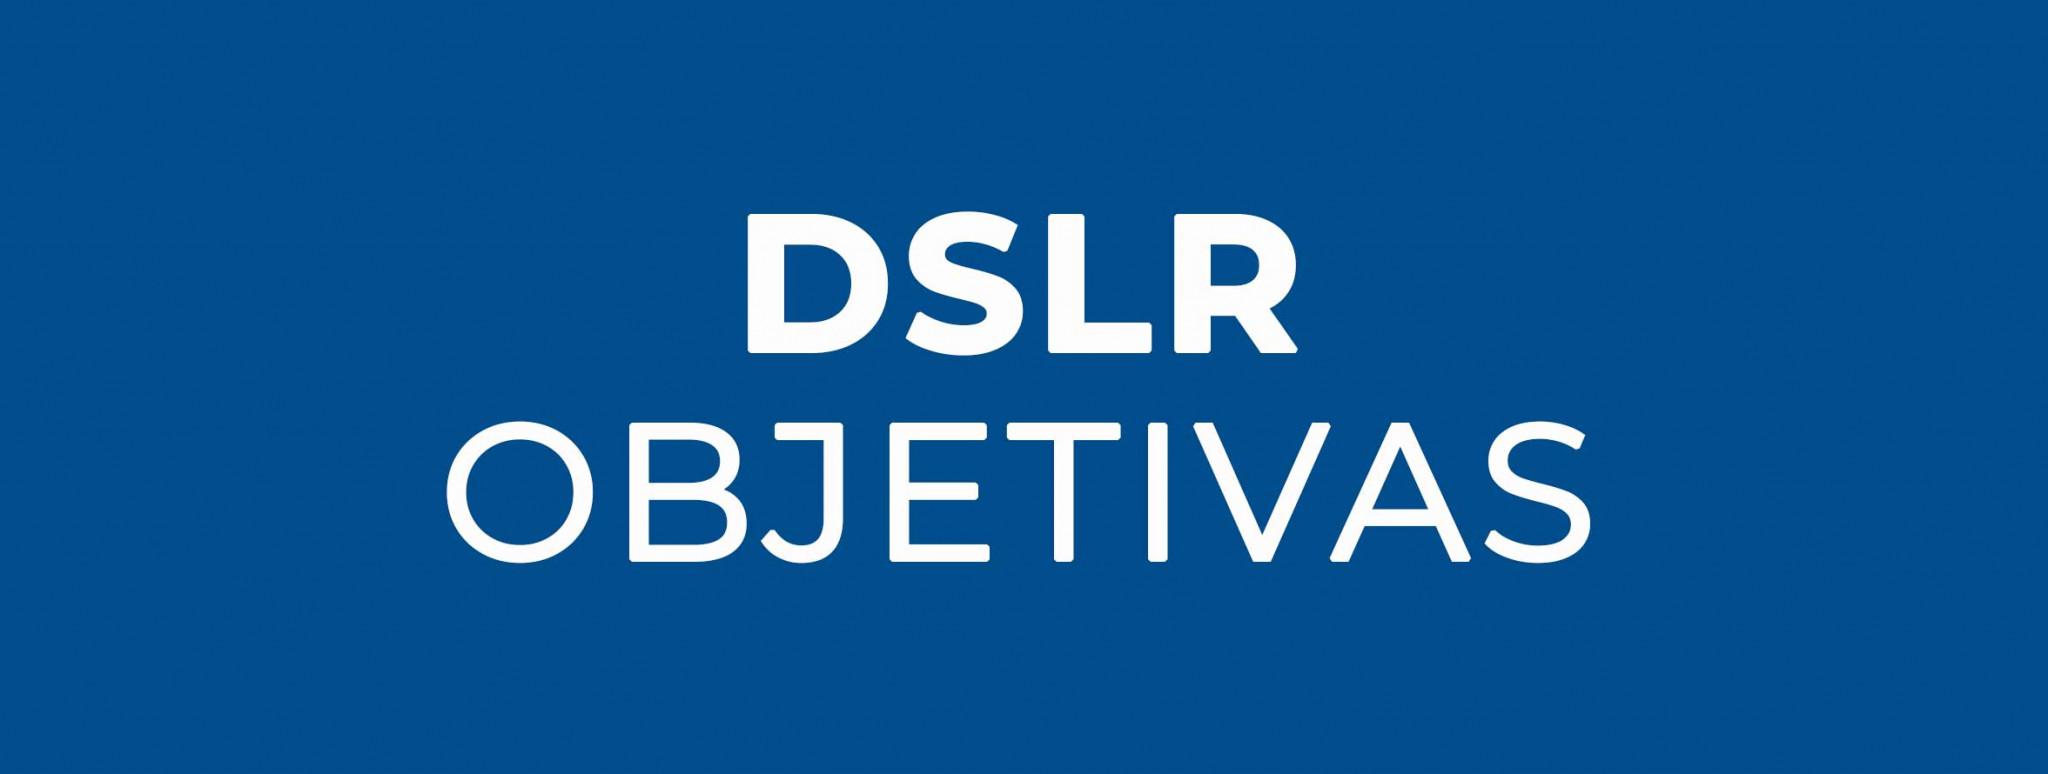 Objetivas DSLR